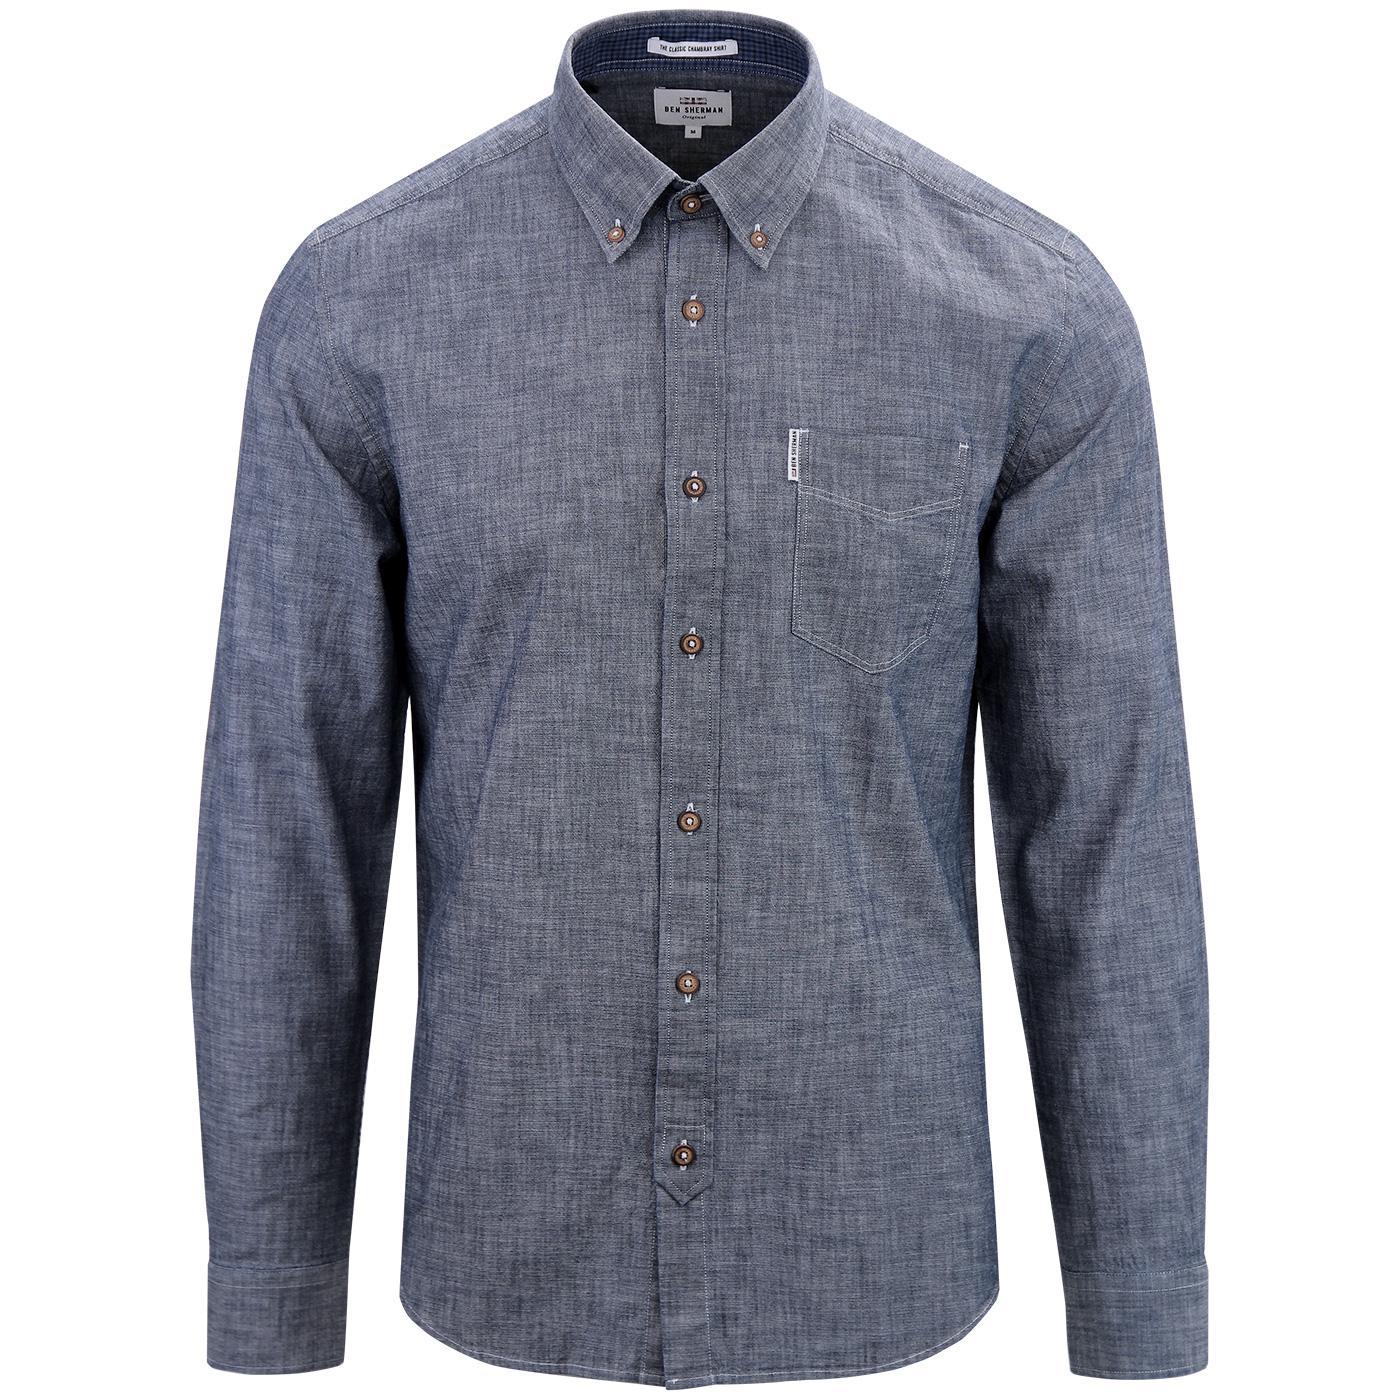 BEN SHERMAN Retro Button Down Chambray Shirt BLUE